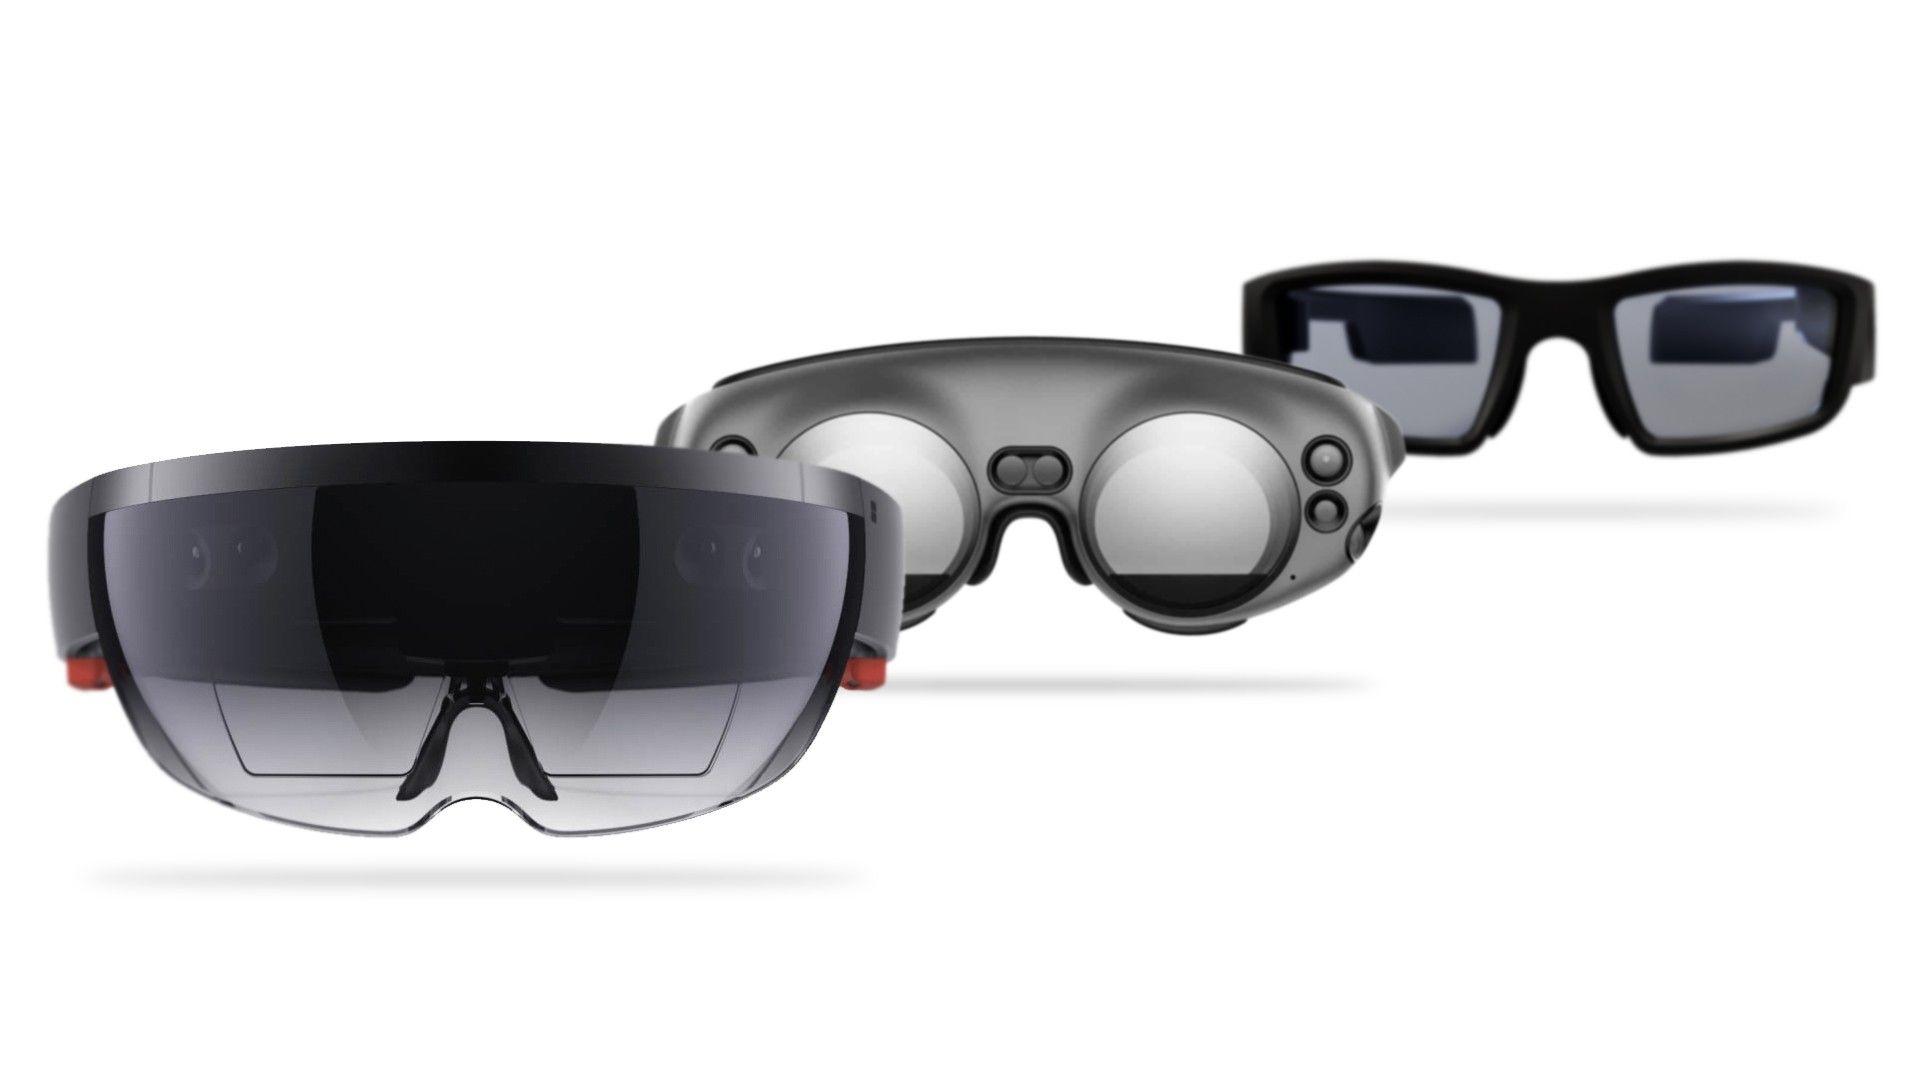 Концепция очков дополненной реальности. Моя идеальная AR гарнитура, которая возможна / Хабр